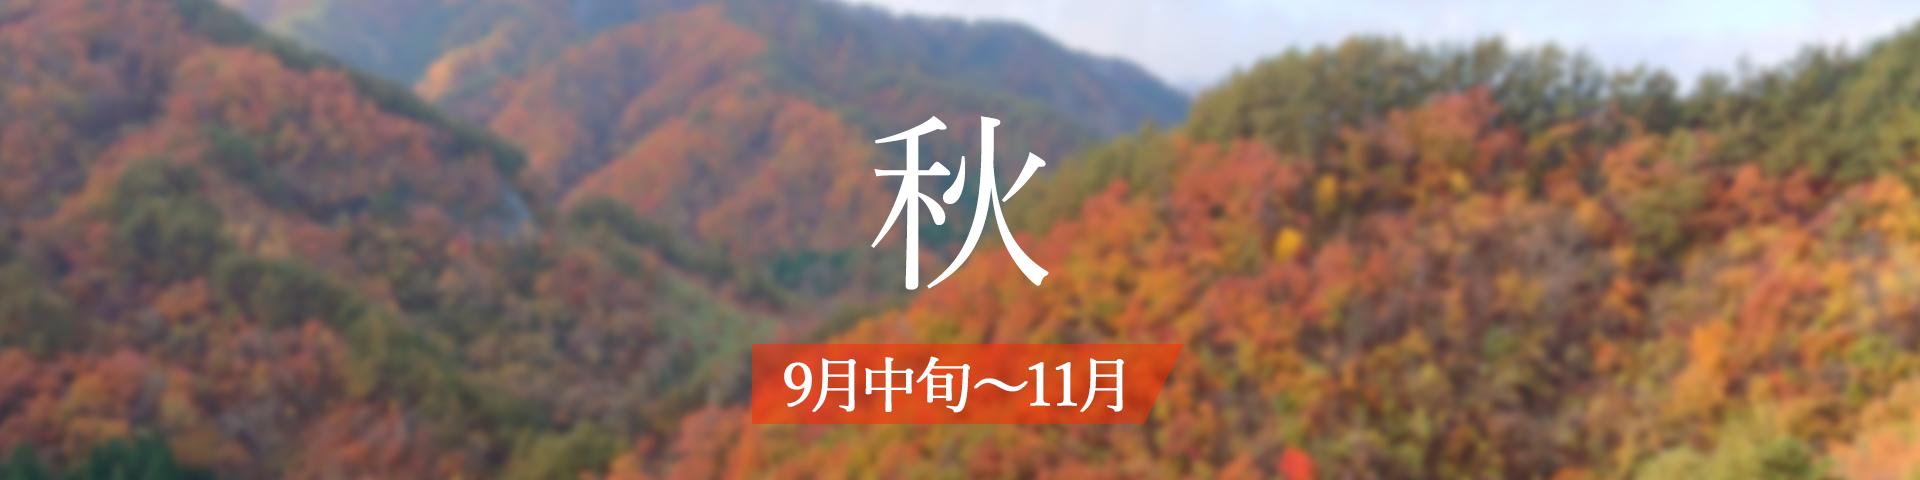 <秋>9月中旬~11月